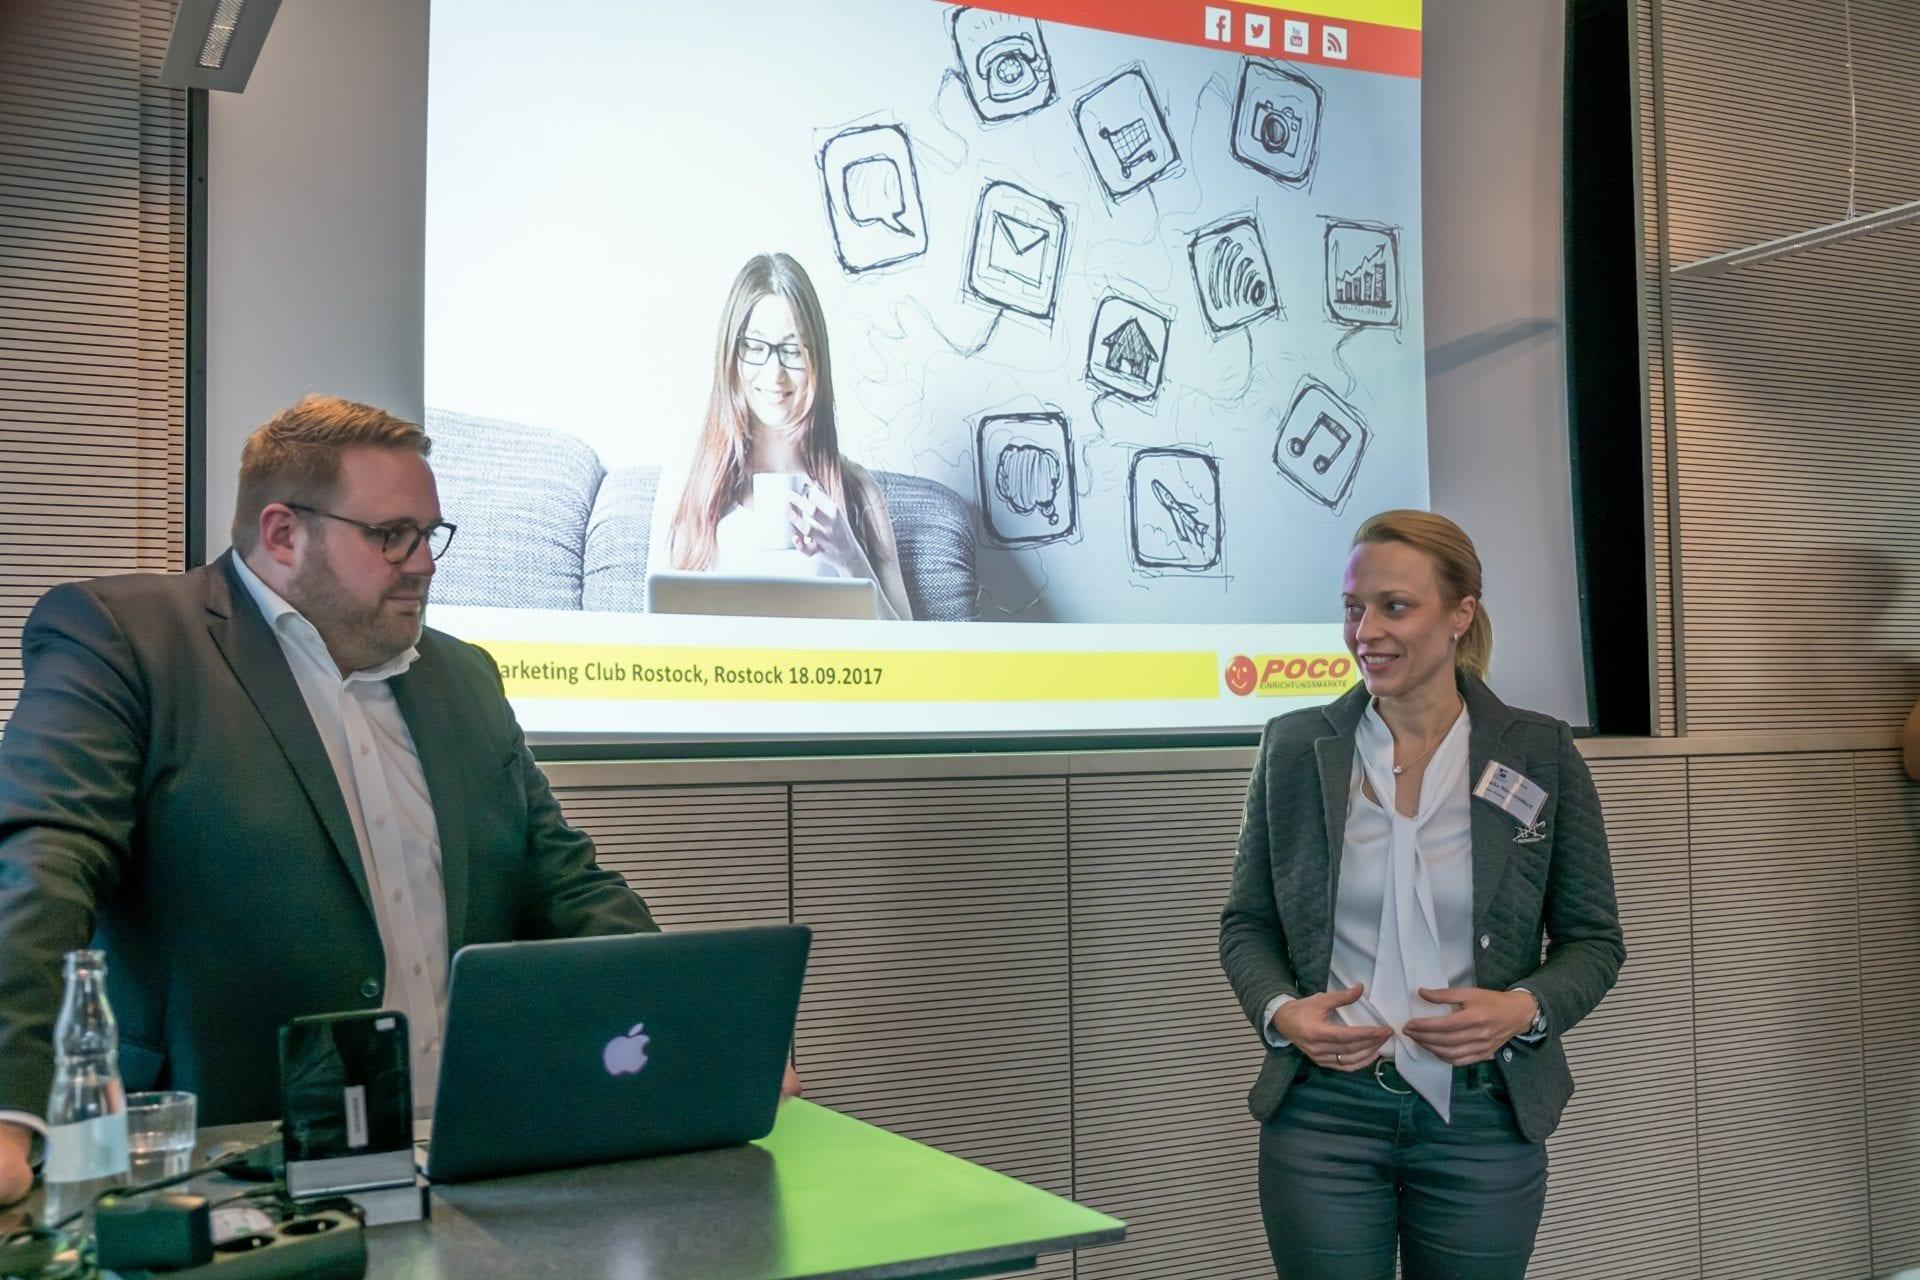 18.09.2017 /  Marcel Bewersdorf - Online-Marketing-Chef der POCO Einrichtungsmärkte